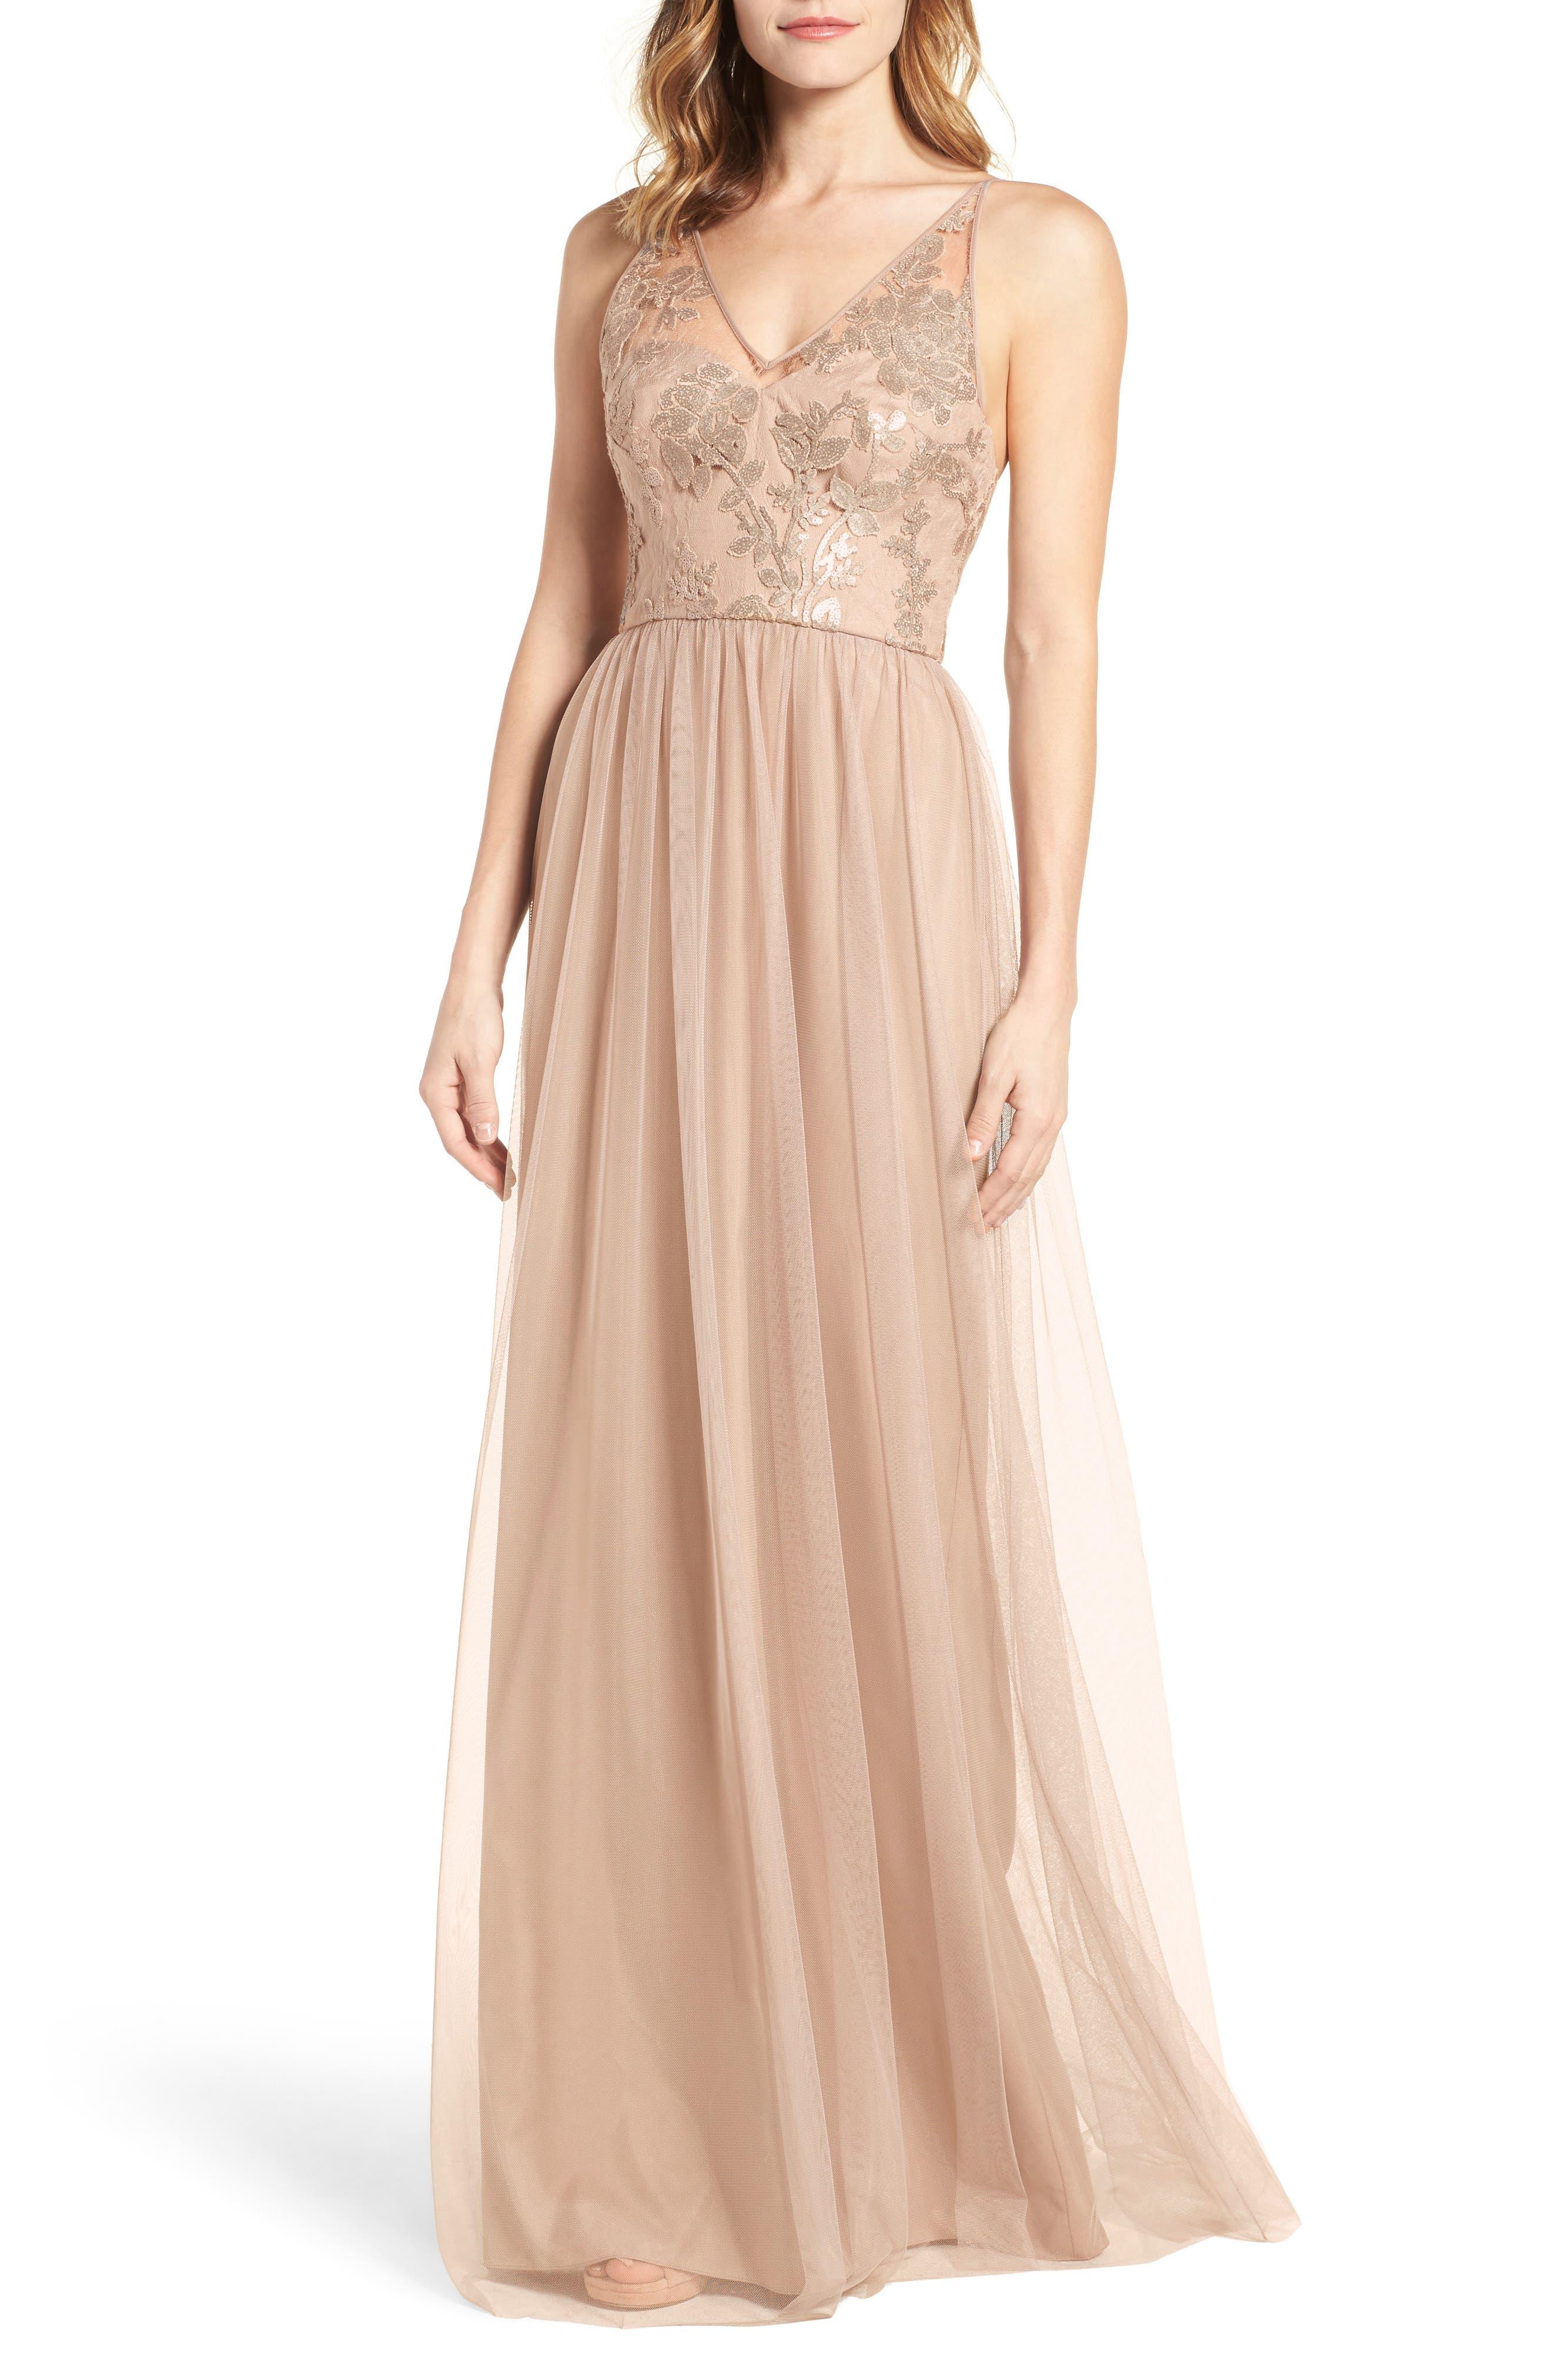 Sora Sequin & Lace Gown, Main, color, 232